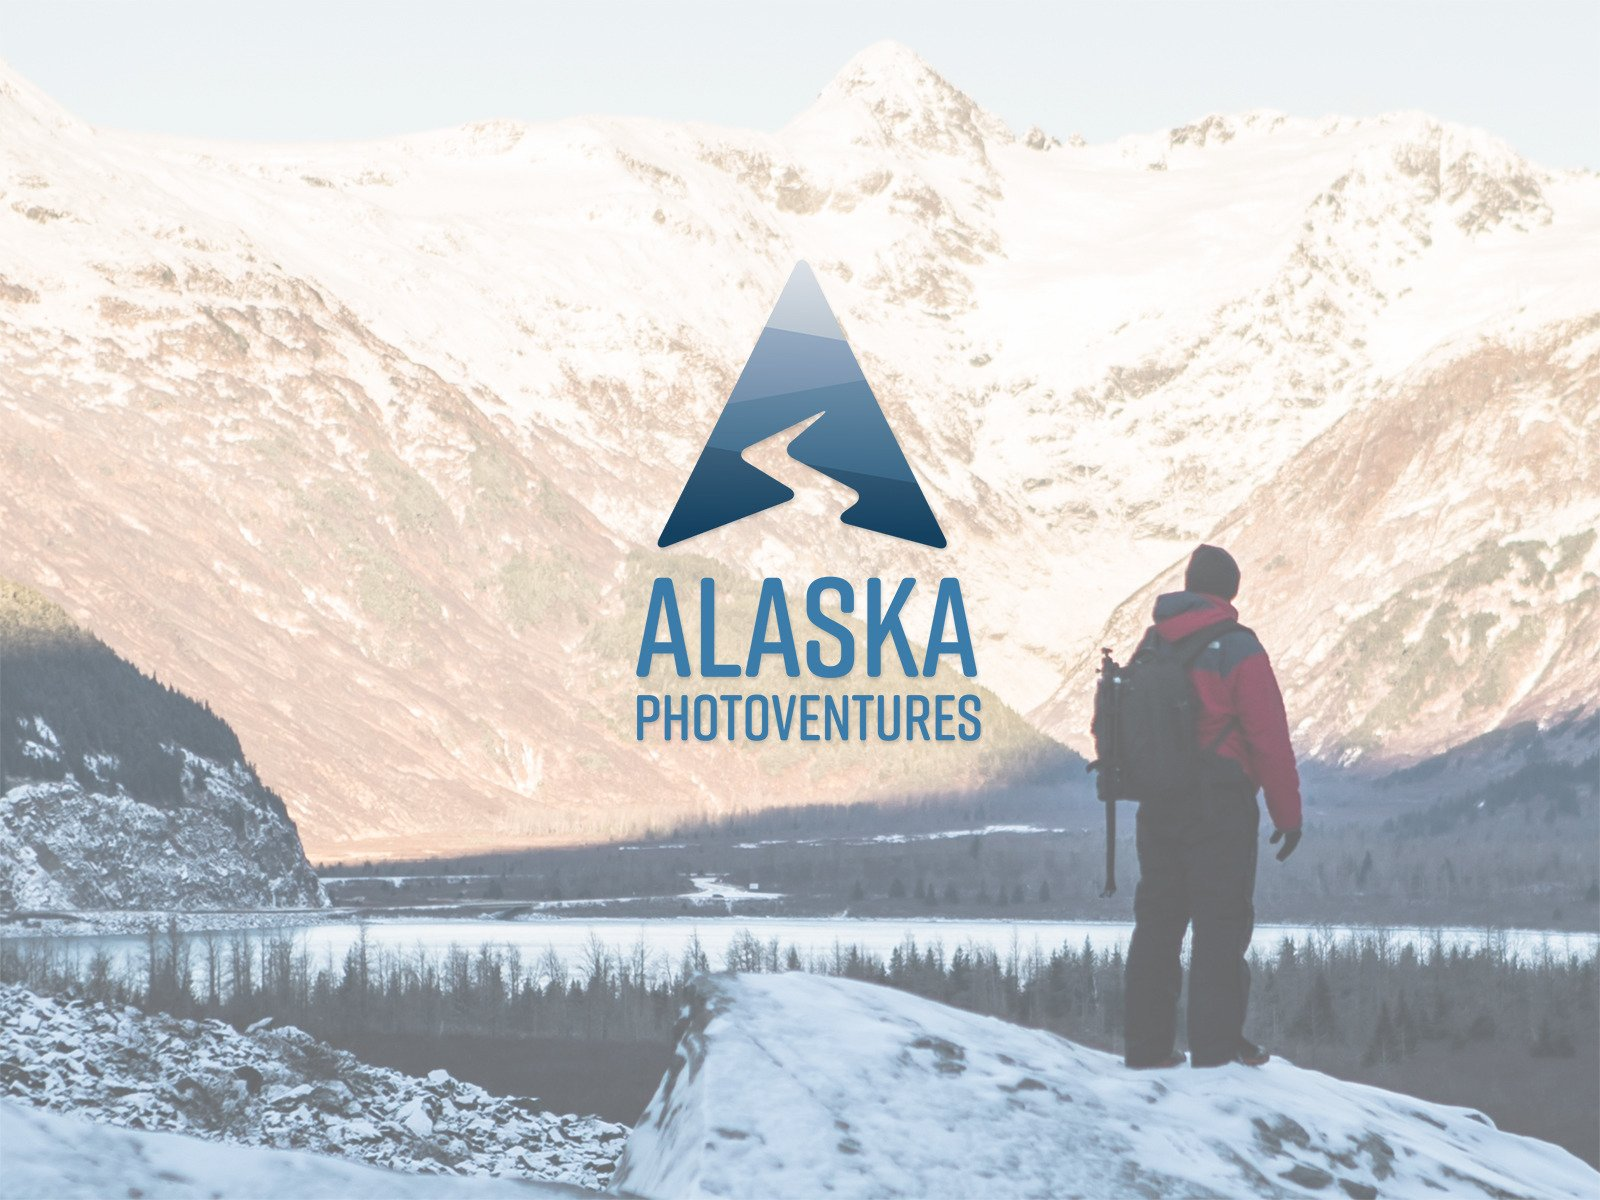 Alaska Photoventures - Season 2